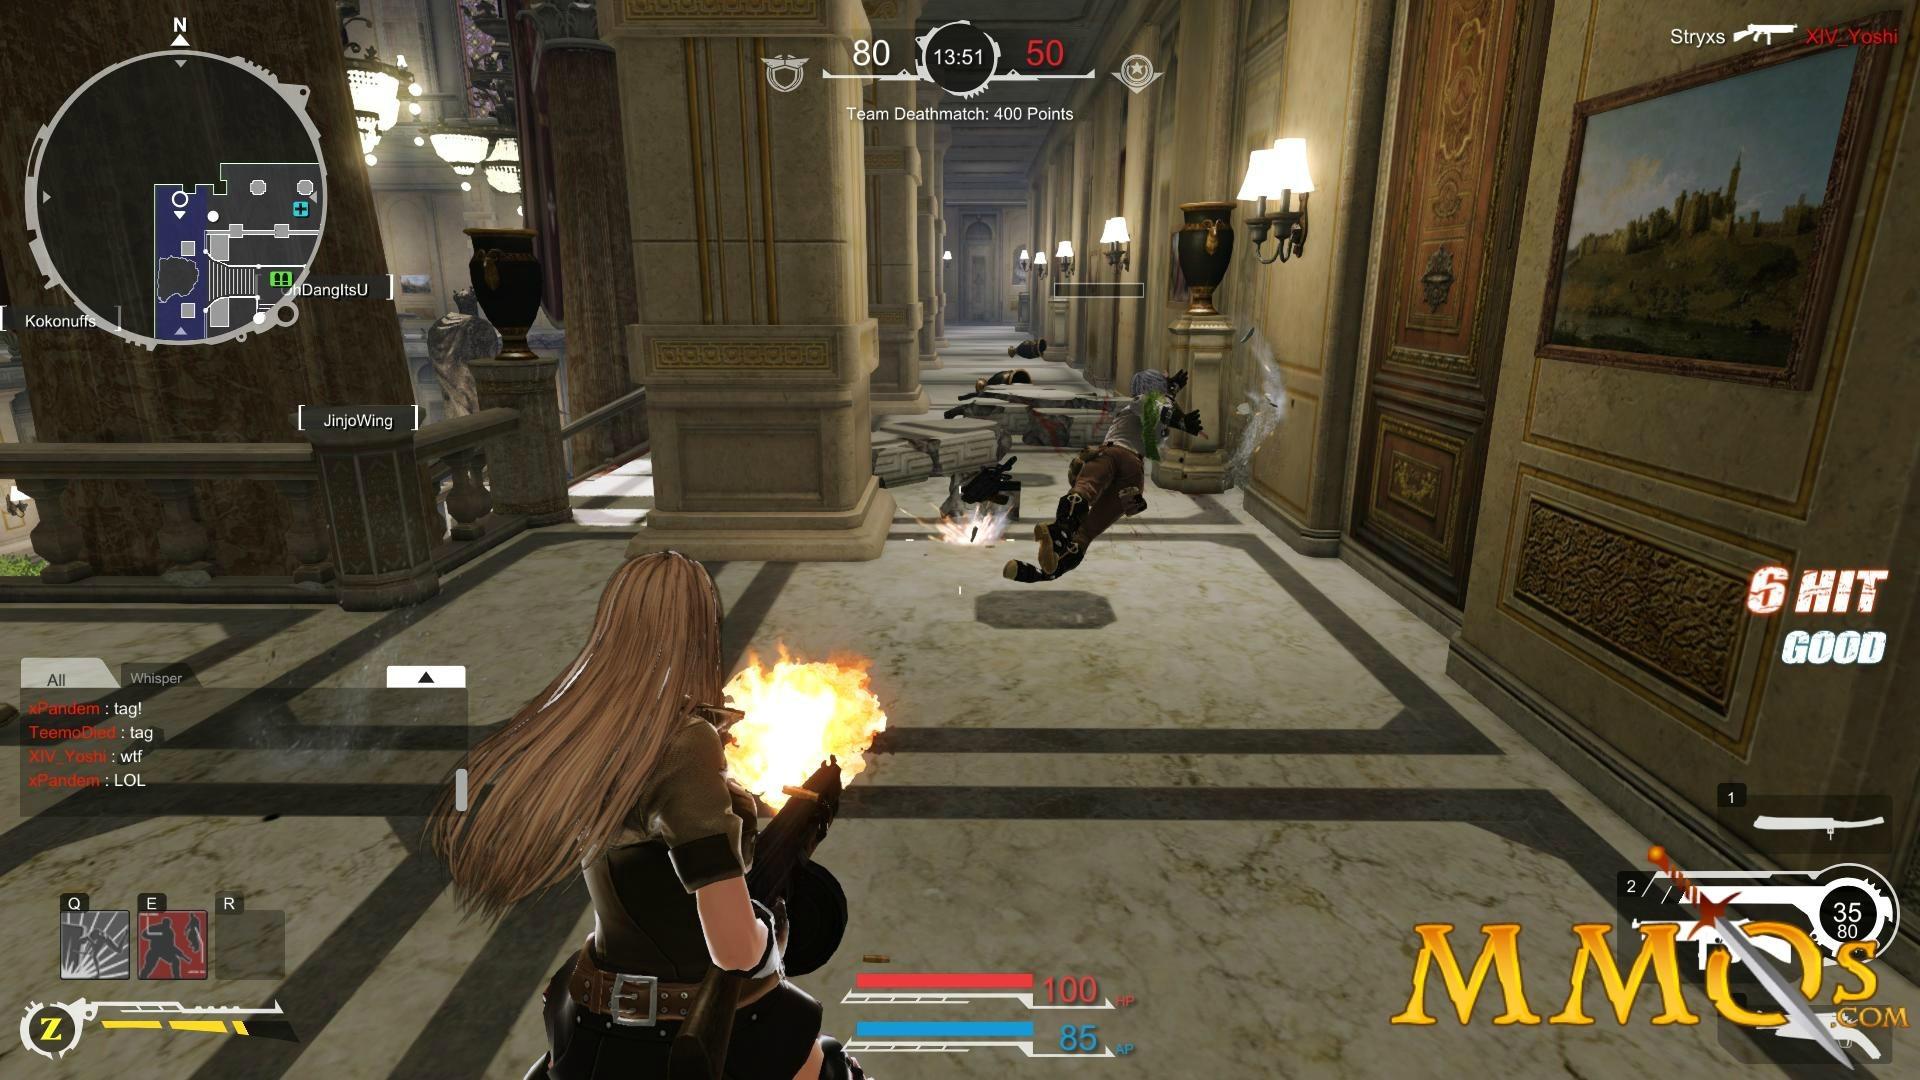 Res: 1920x1080, Gunz 2 Beautiful gameplay main